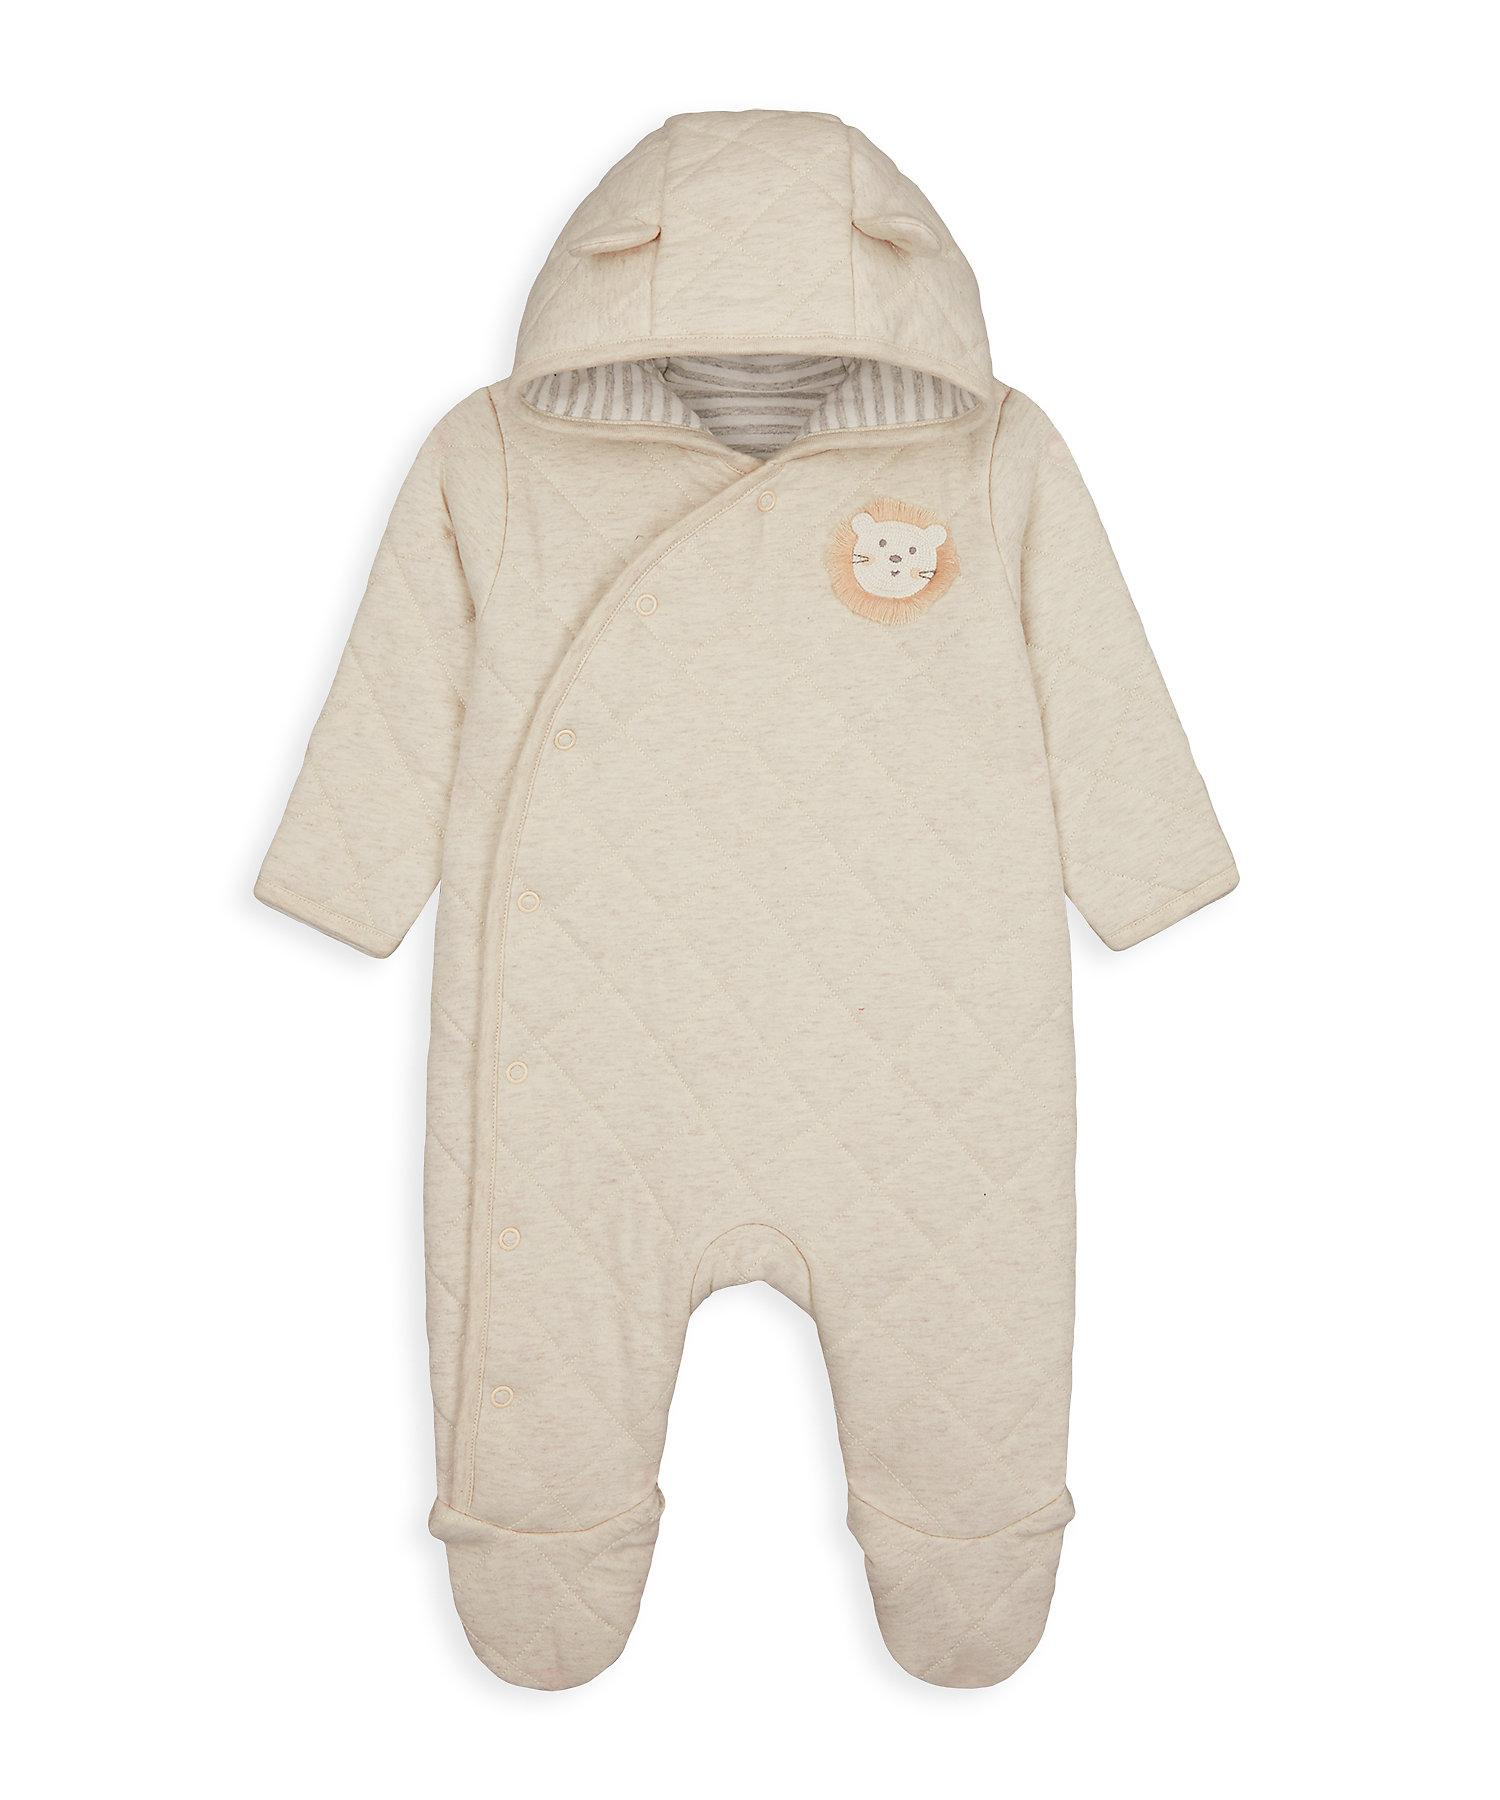 Mothercare | Unisex Full Sleeves Snowsuit 3D Lion Details - Beige